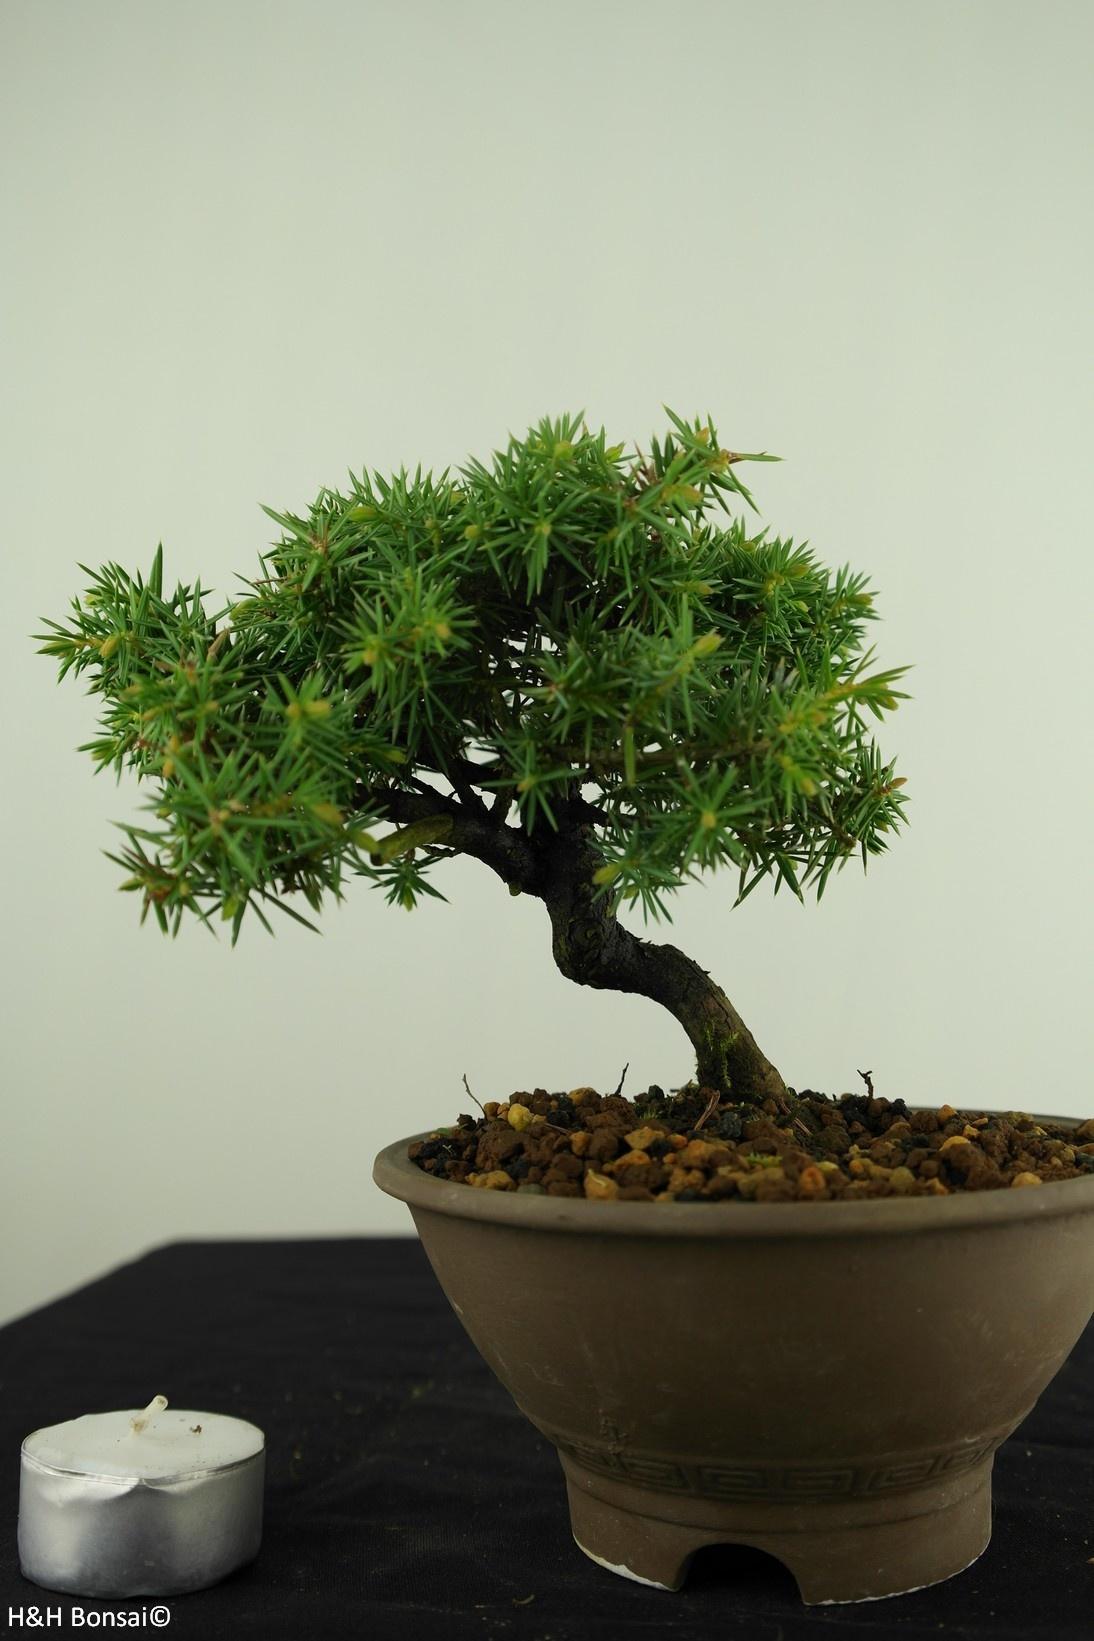 Bonsai Shohin Juniperus rigida, Jeneverbes, nr. 7787